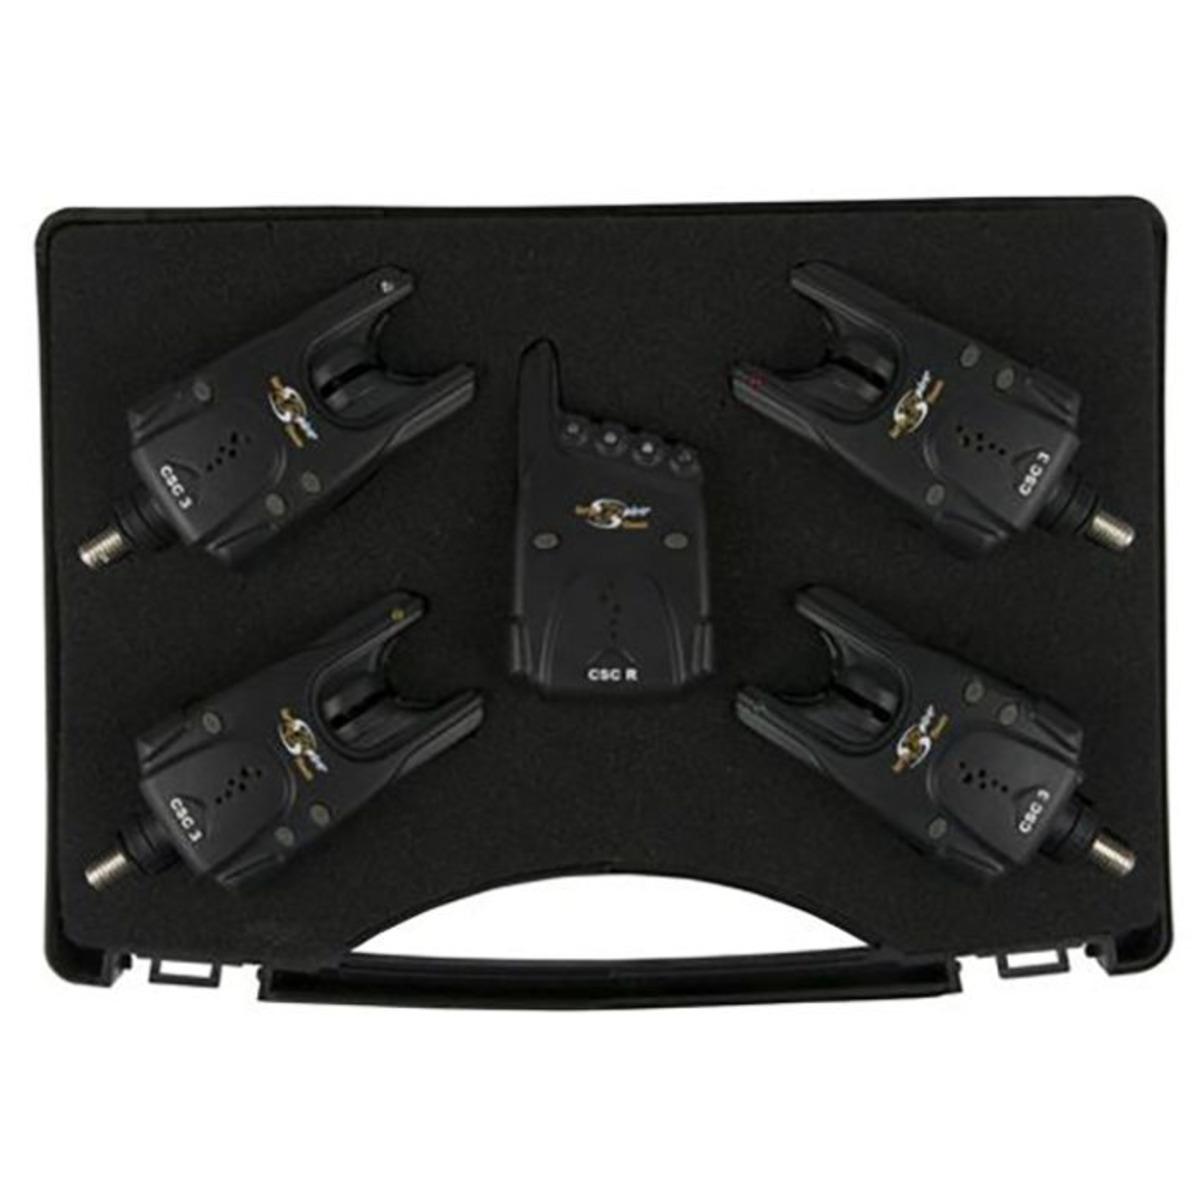 Carp Spirit Set 4 CSC3 Alarms con Receiver - 4 CSC3 Alarms + Receiver